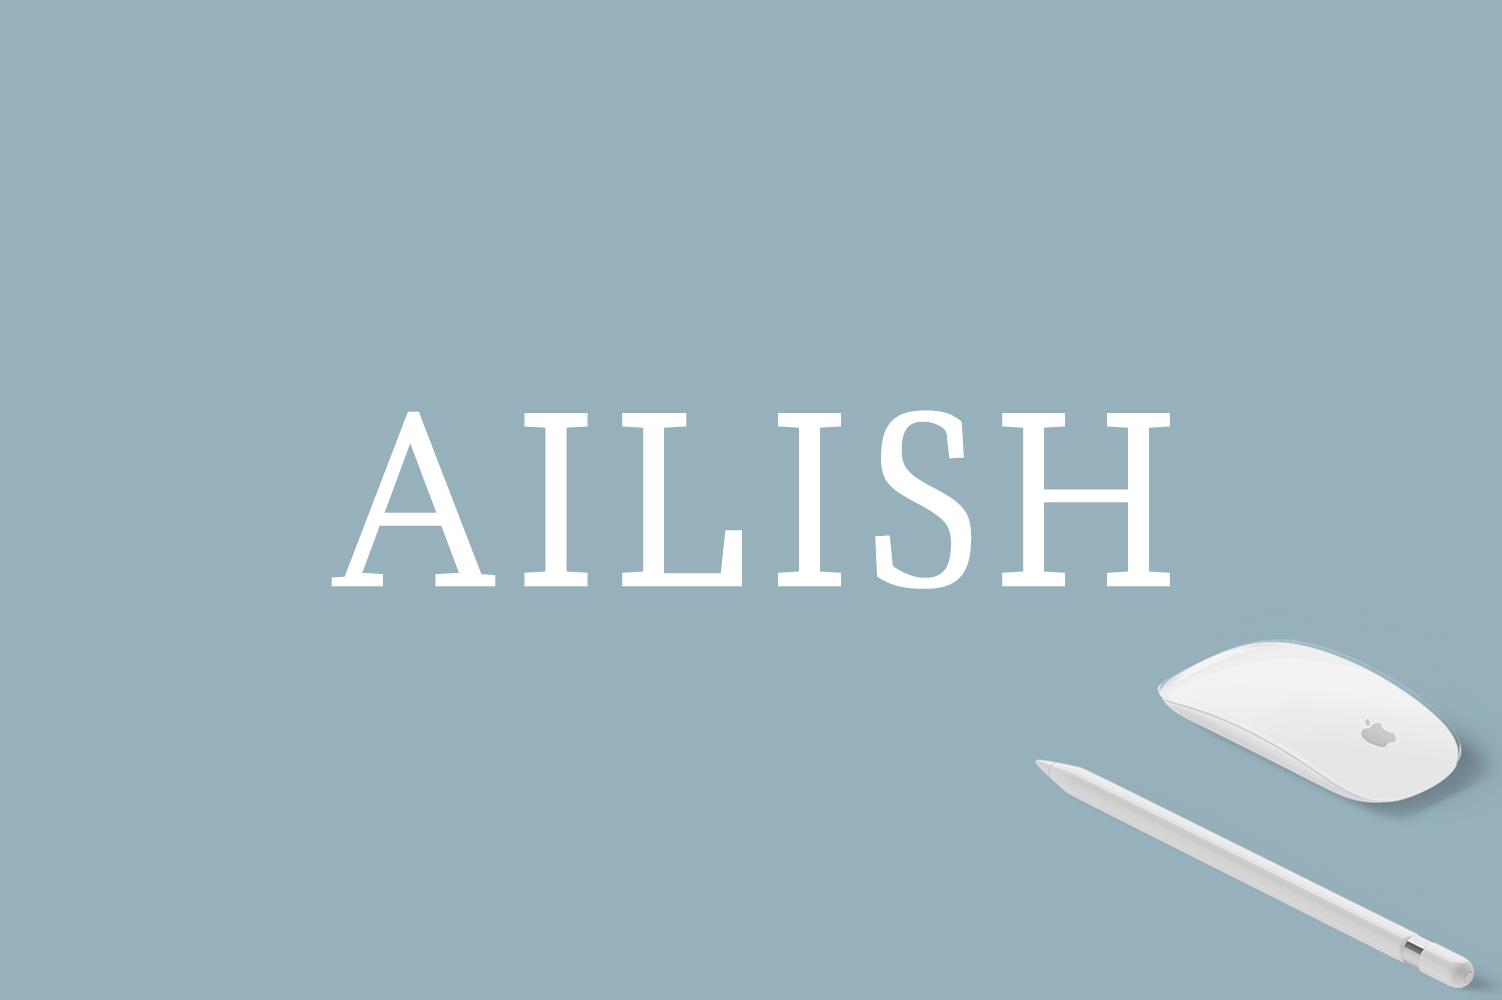 Ailish Slab Serif 3 Font Family example image 1